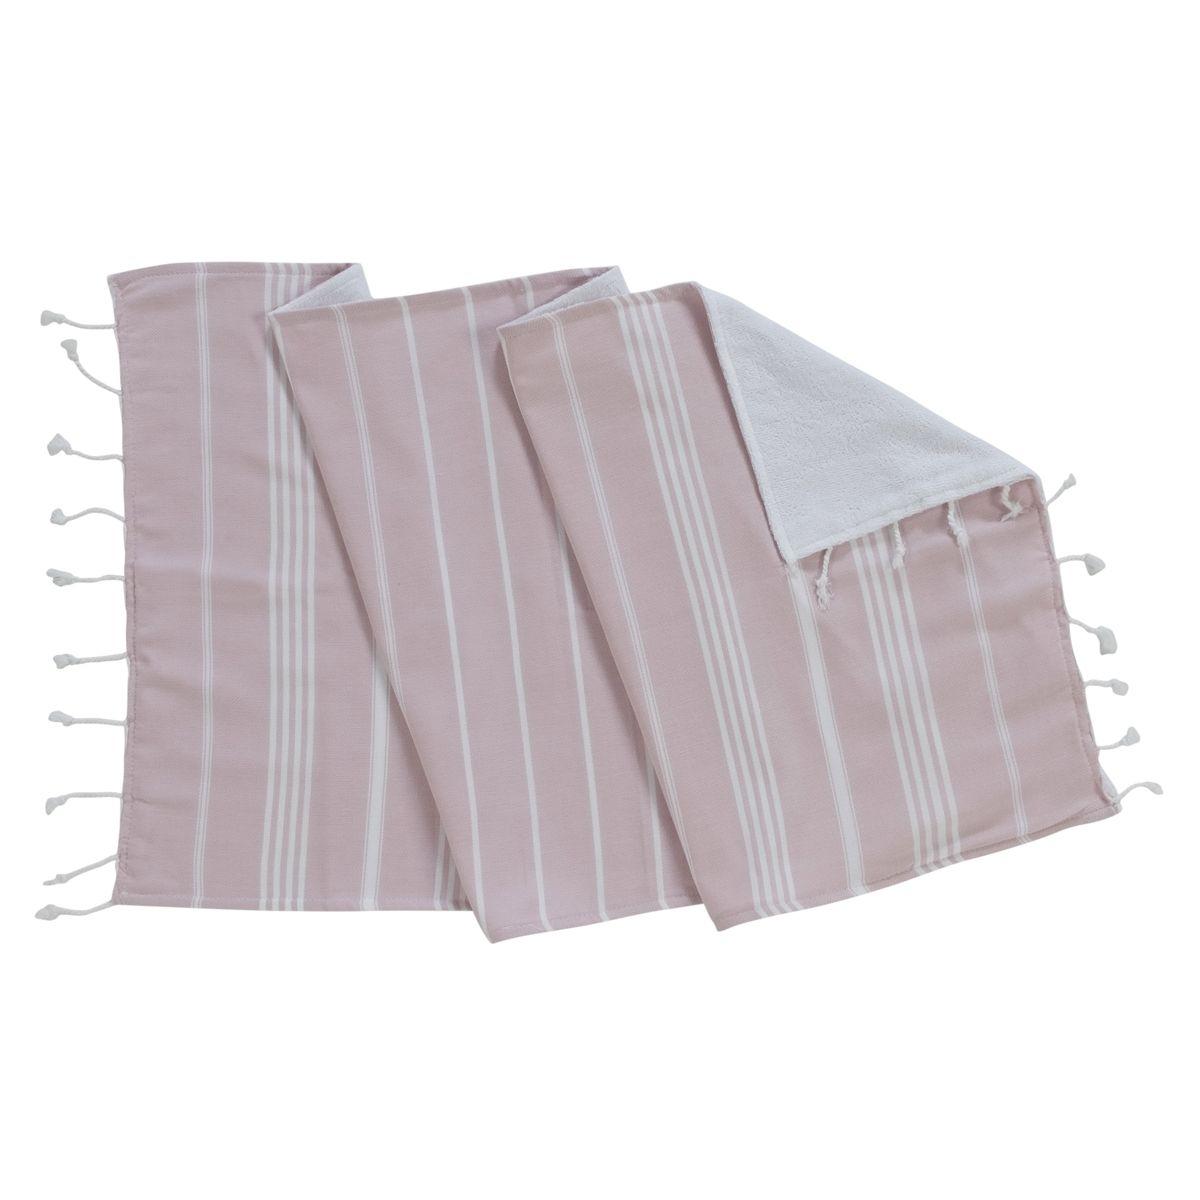 Peshtowel Mini Ani - Rose Pink